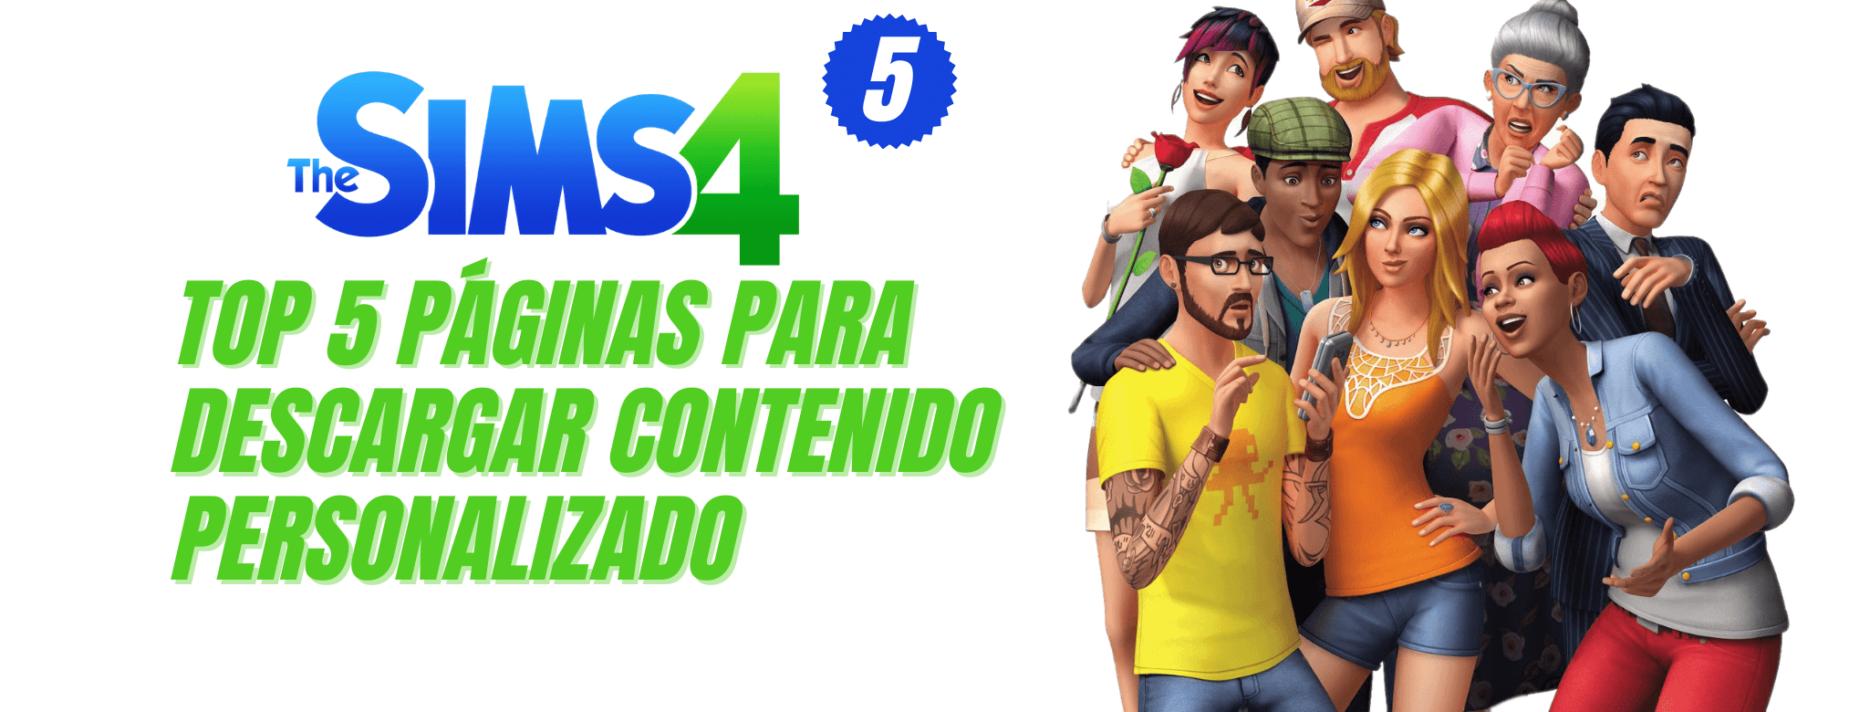 Top 5 páginas para descargar CC Los Sims 4 Parte 5 fotopixel